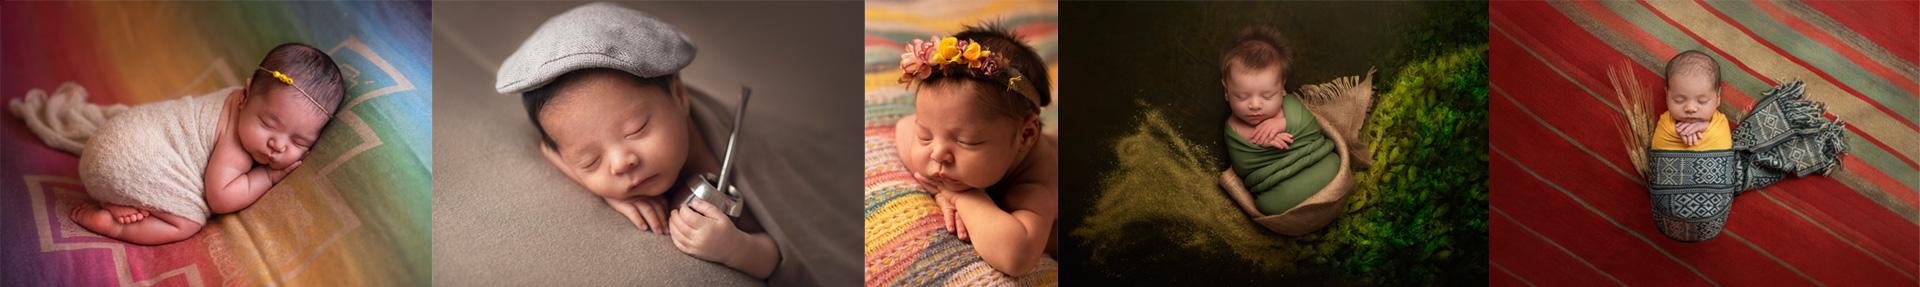 Tira de fotos de recién nacidos con la técnica Newborn Betiana Dos Santos, fotógrafa profesional